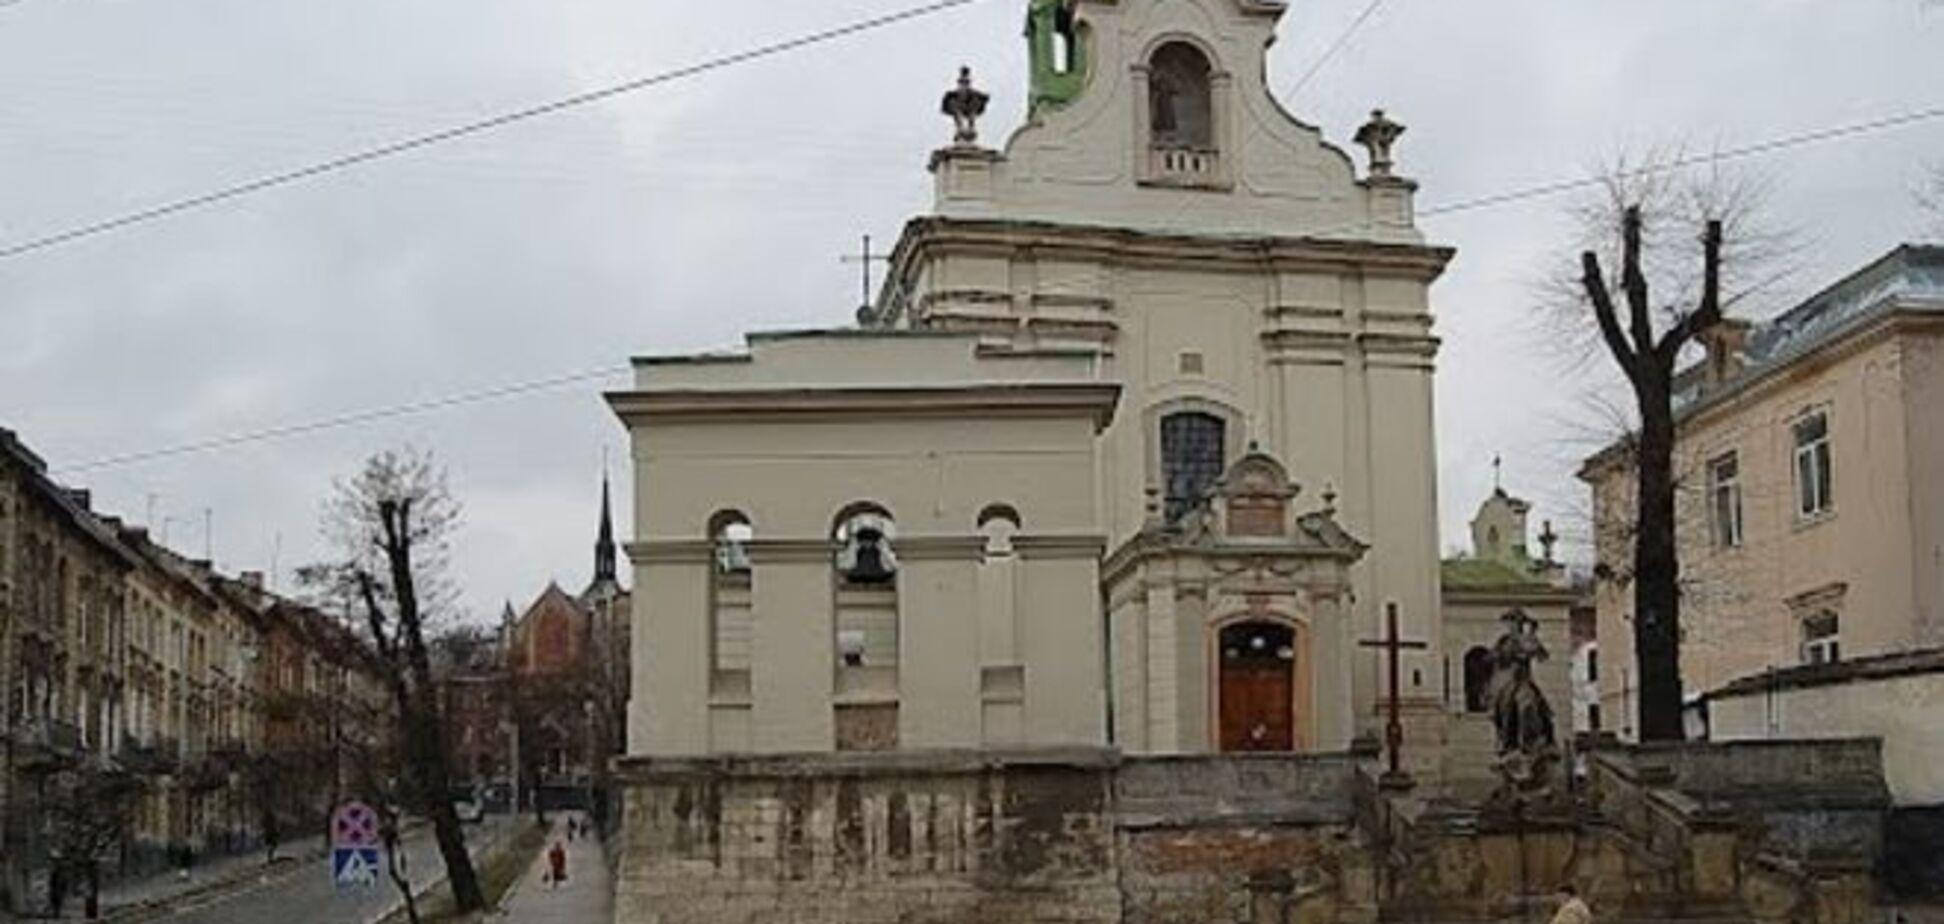 Во Львове горел костел XVIII века: есть пострадавшие